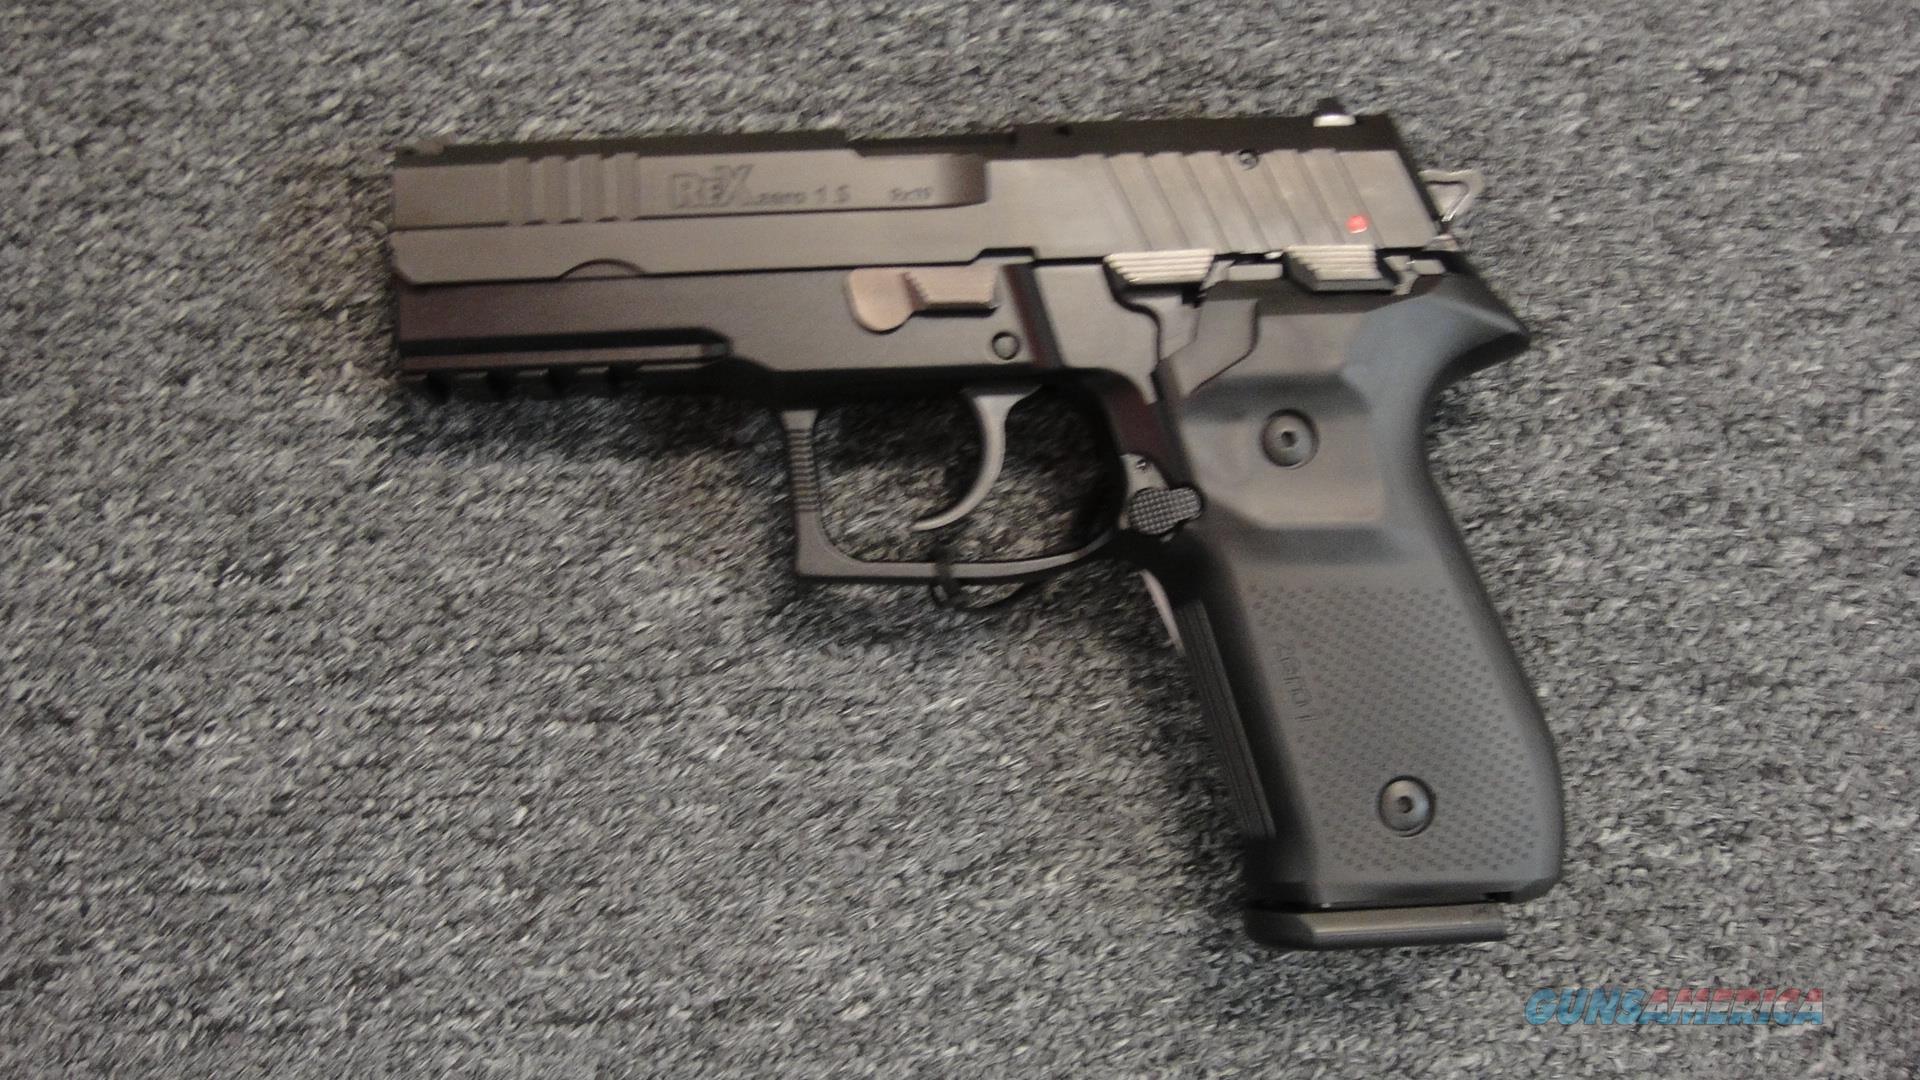 FIME/AREX Rex Zero 1S  Guns > Pistols > FIME Group Pistols > Rex Zero 1